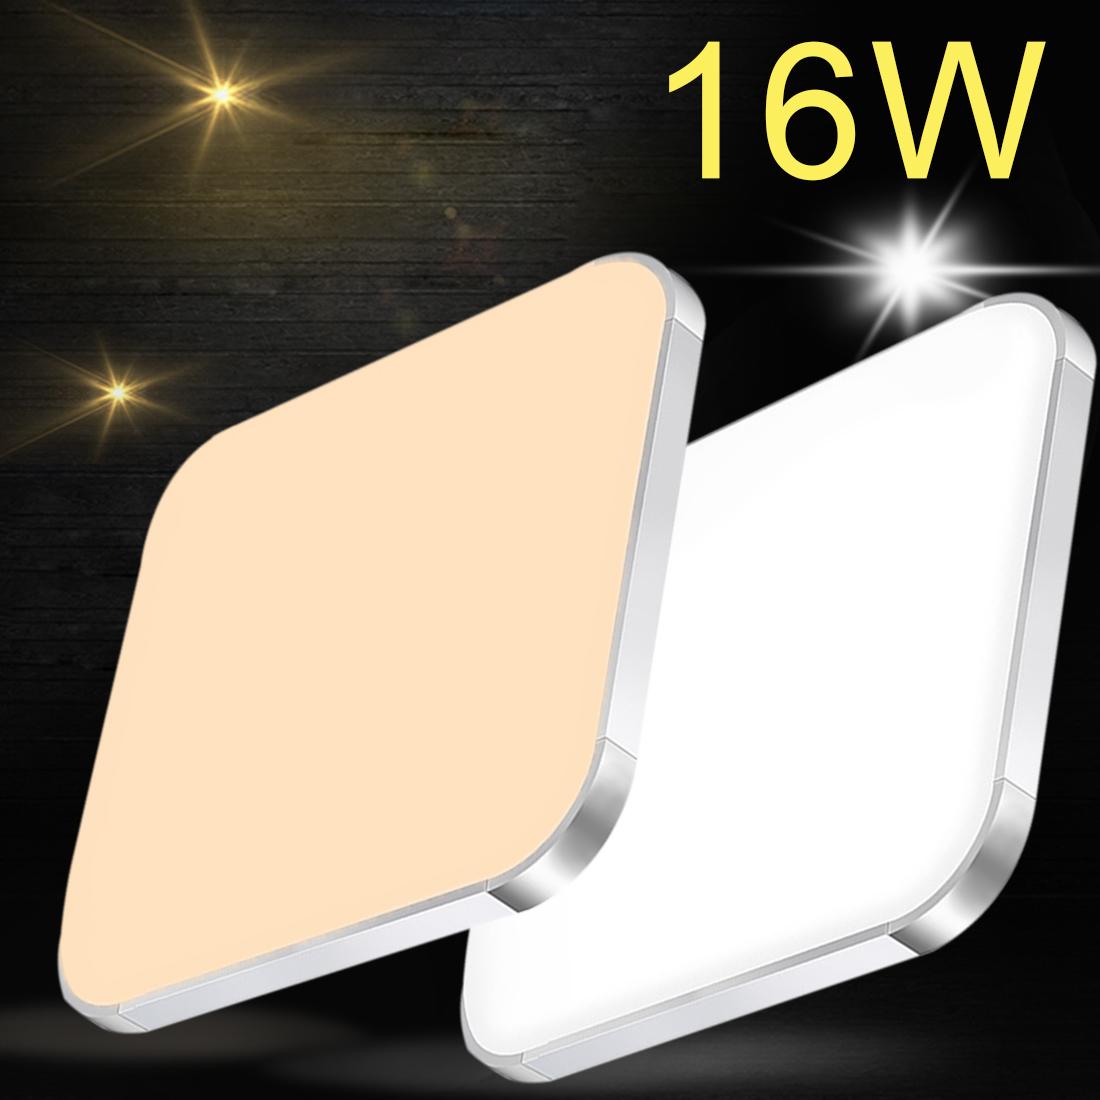 16w led deckenlampe deckenleuchte kaltwei wohnzimmer k che b ros wandlampe ip44 ebay. Black Bedroom Furniture Sets. Home Design Ideas